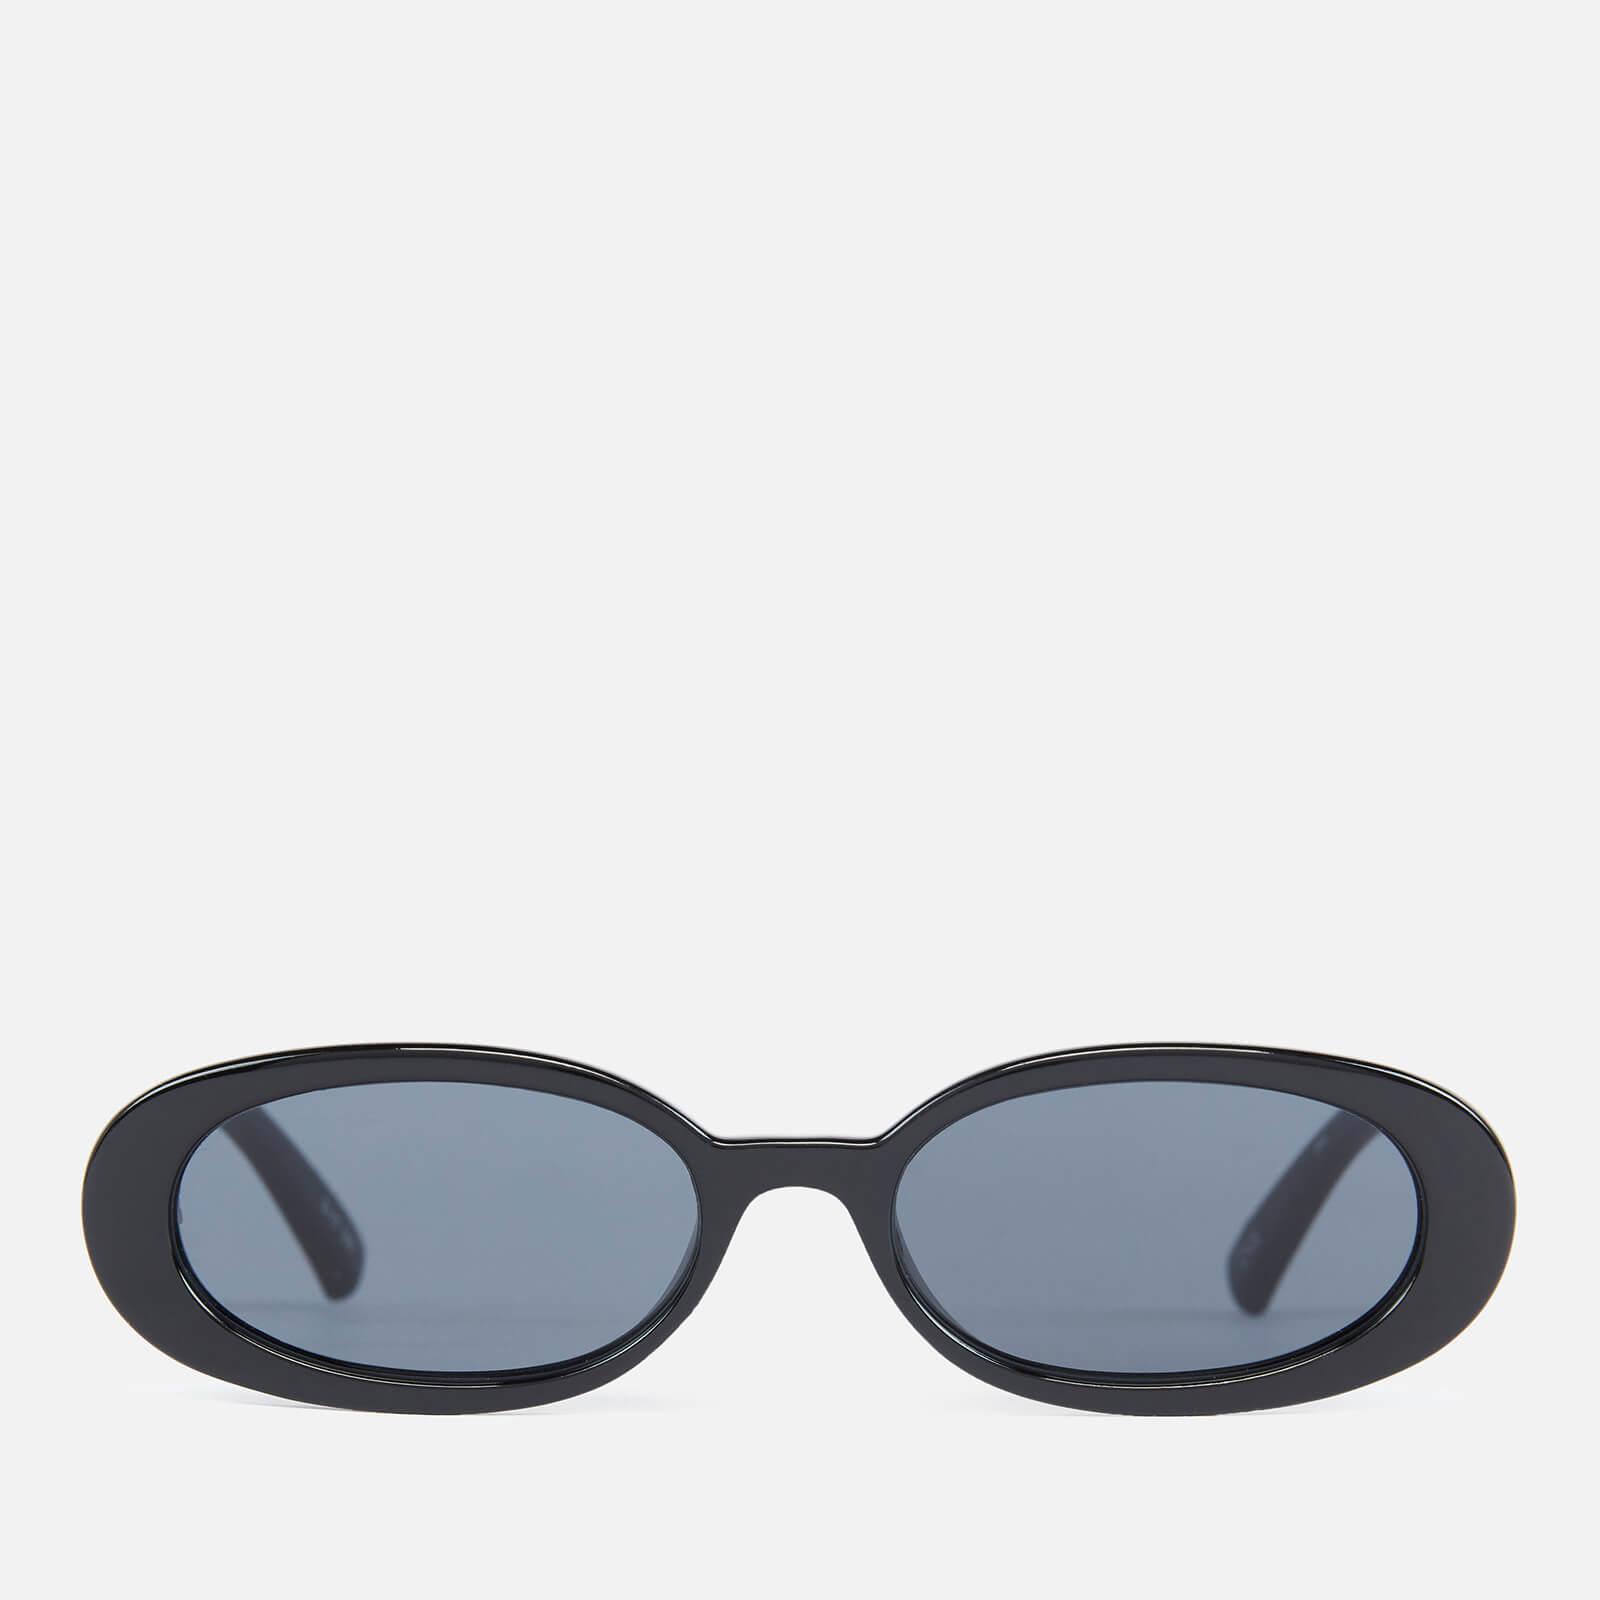 Le Specs Women's More Joy Oval Sunglasses - Black